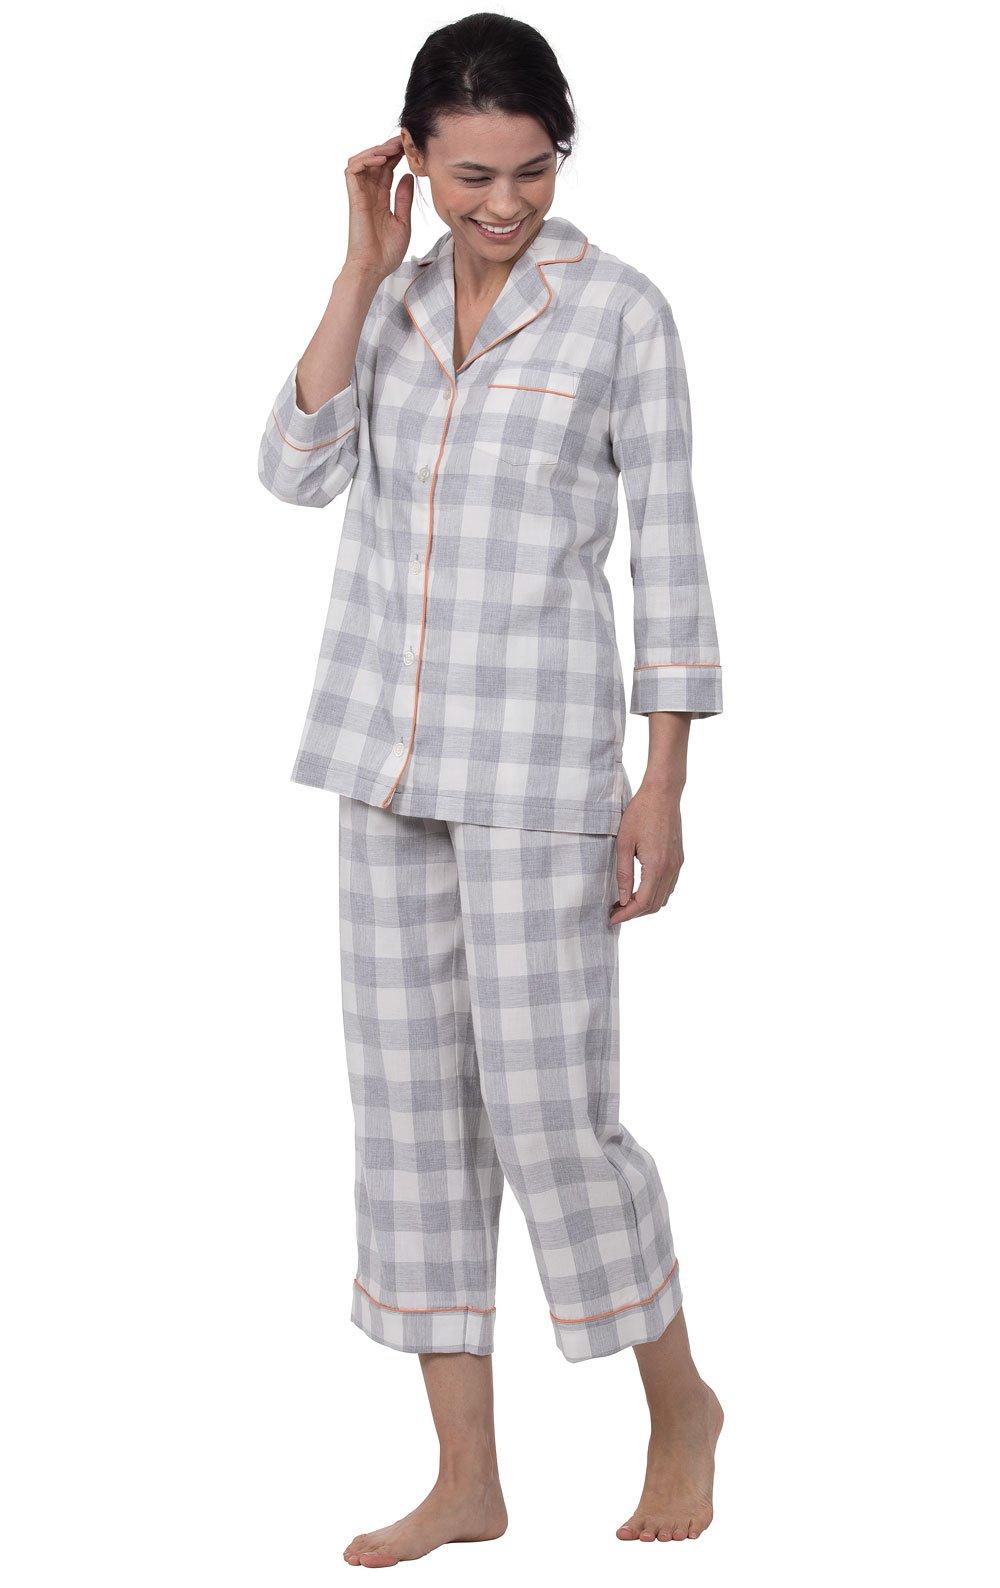 PajamaGram Lightweight Summer Womens Pajamas - Pajama Set, Grey, Large / 12-14